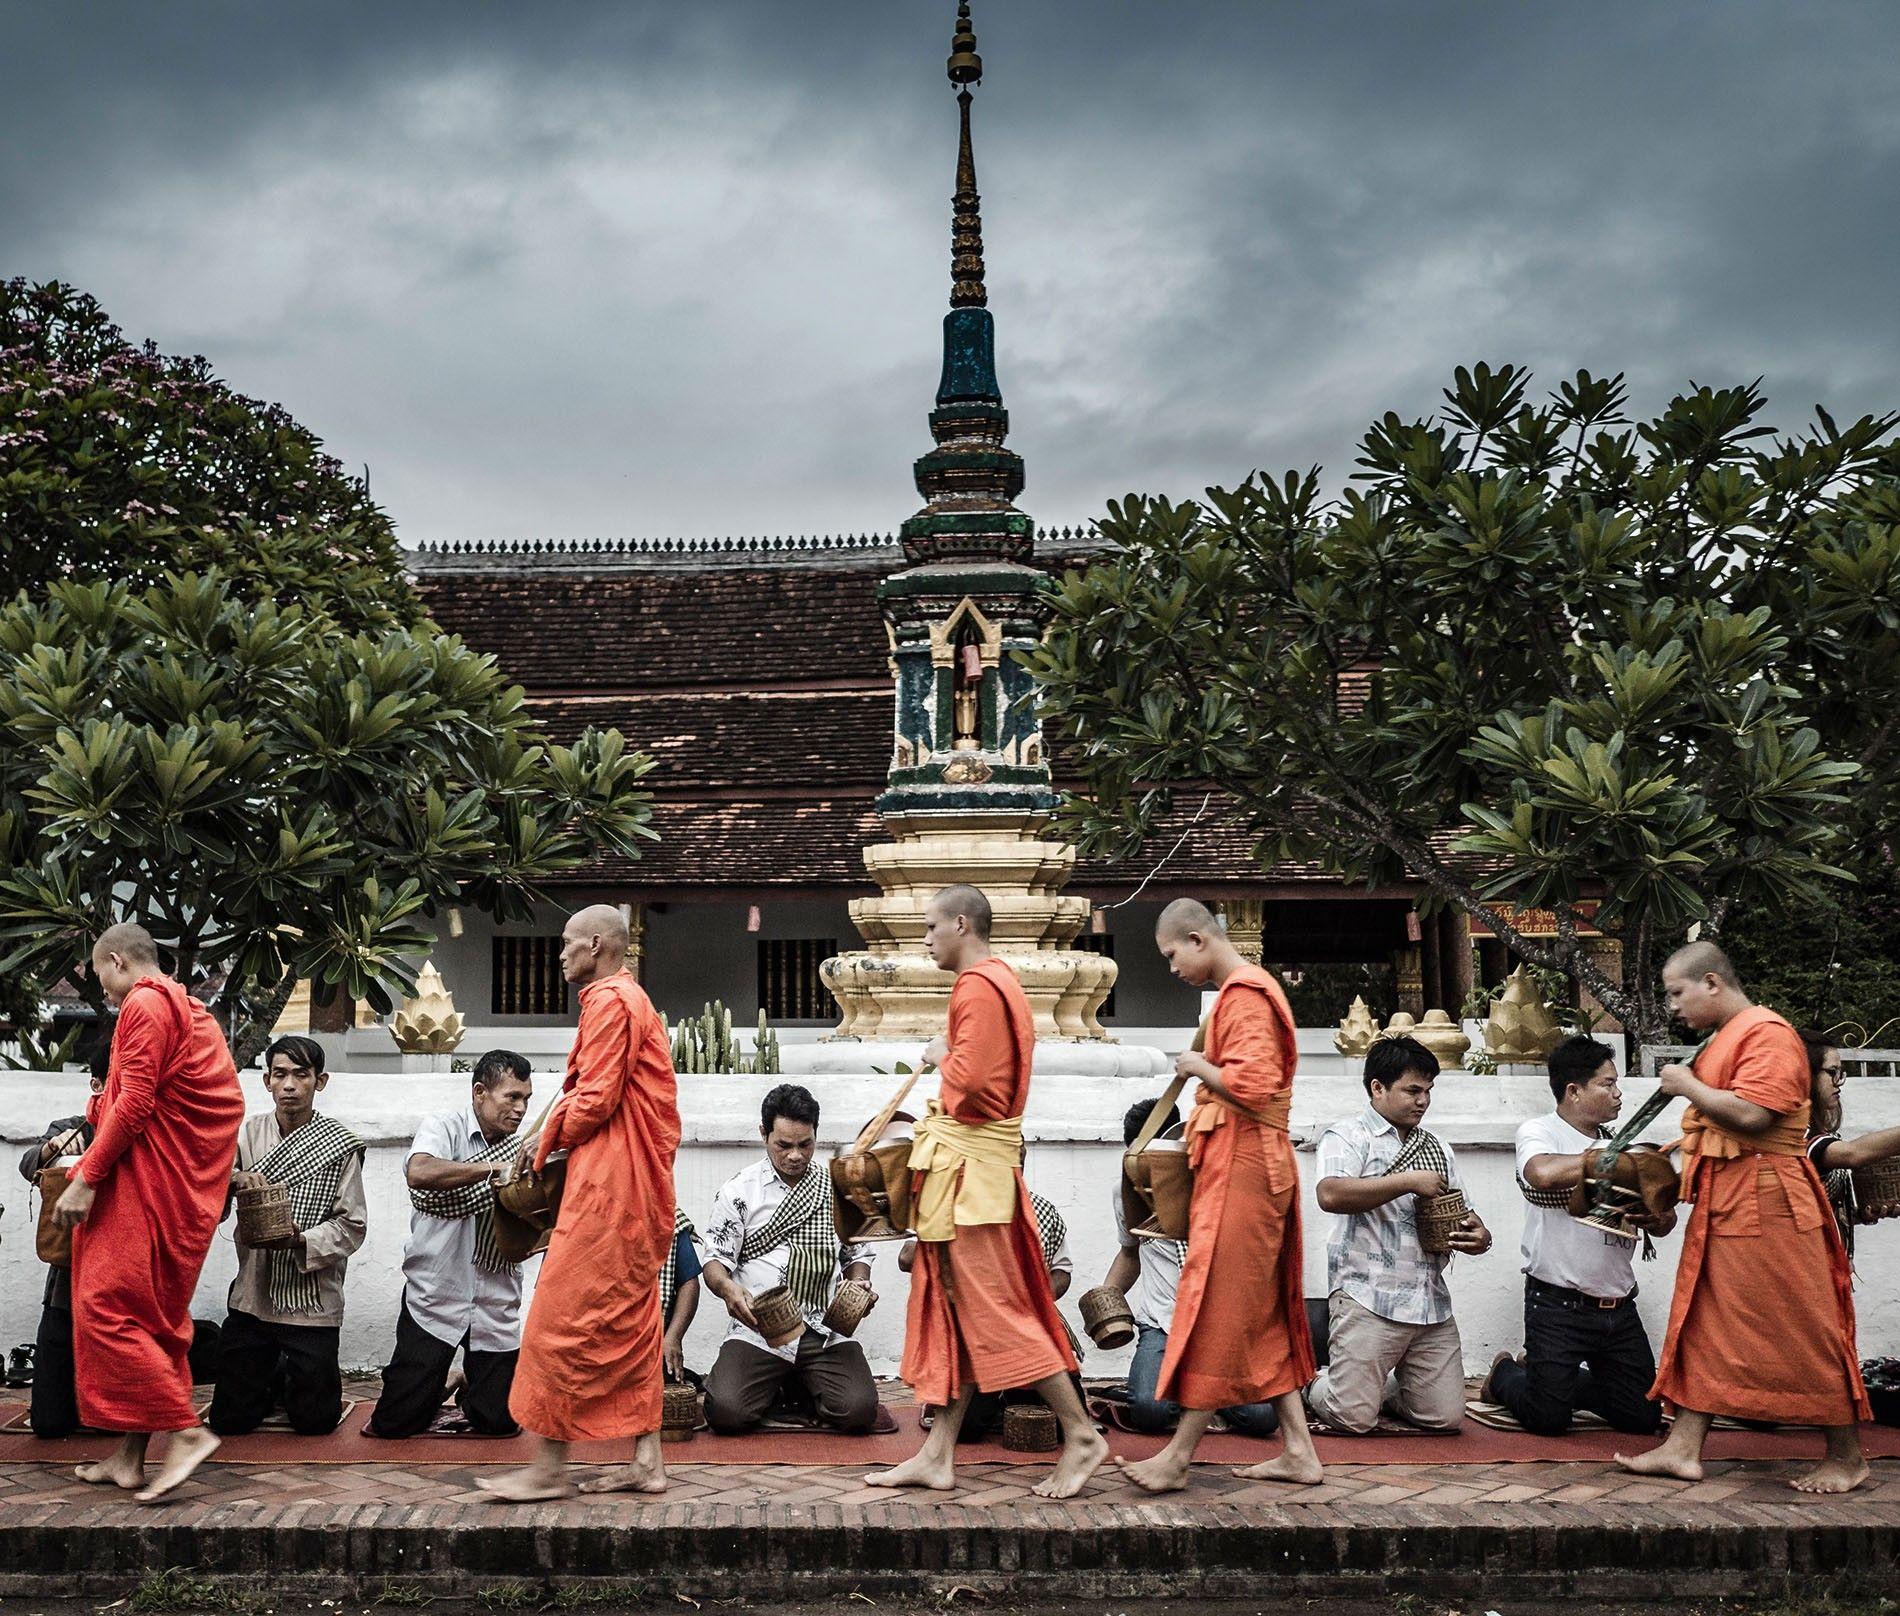 Luang Prabang almsgiving procession